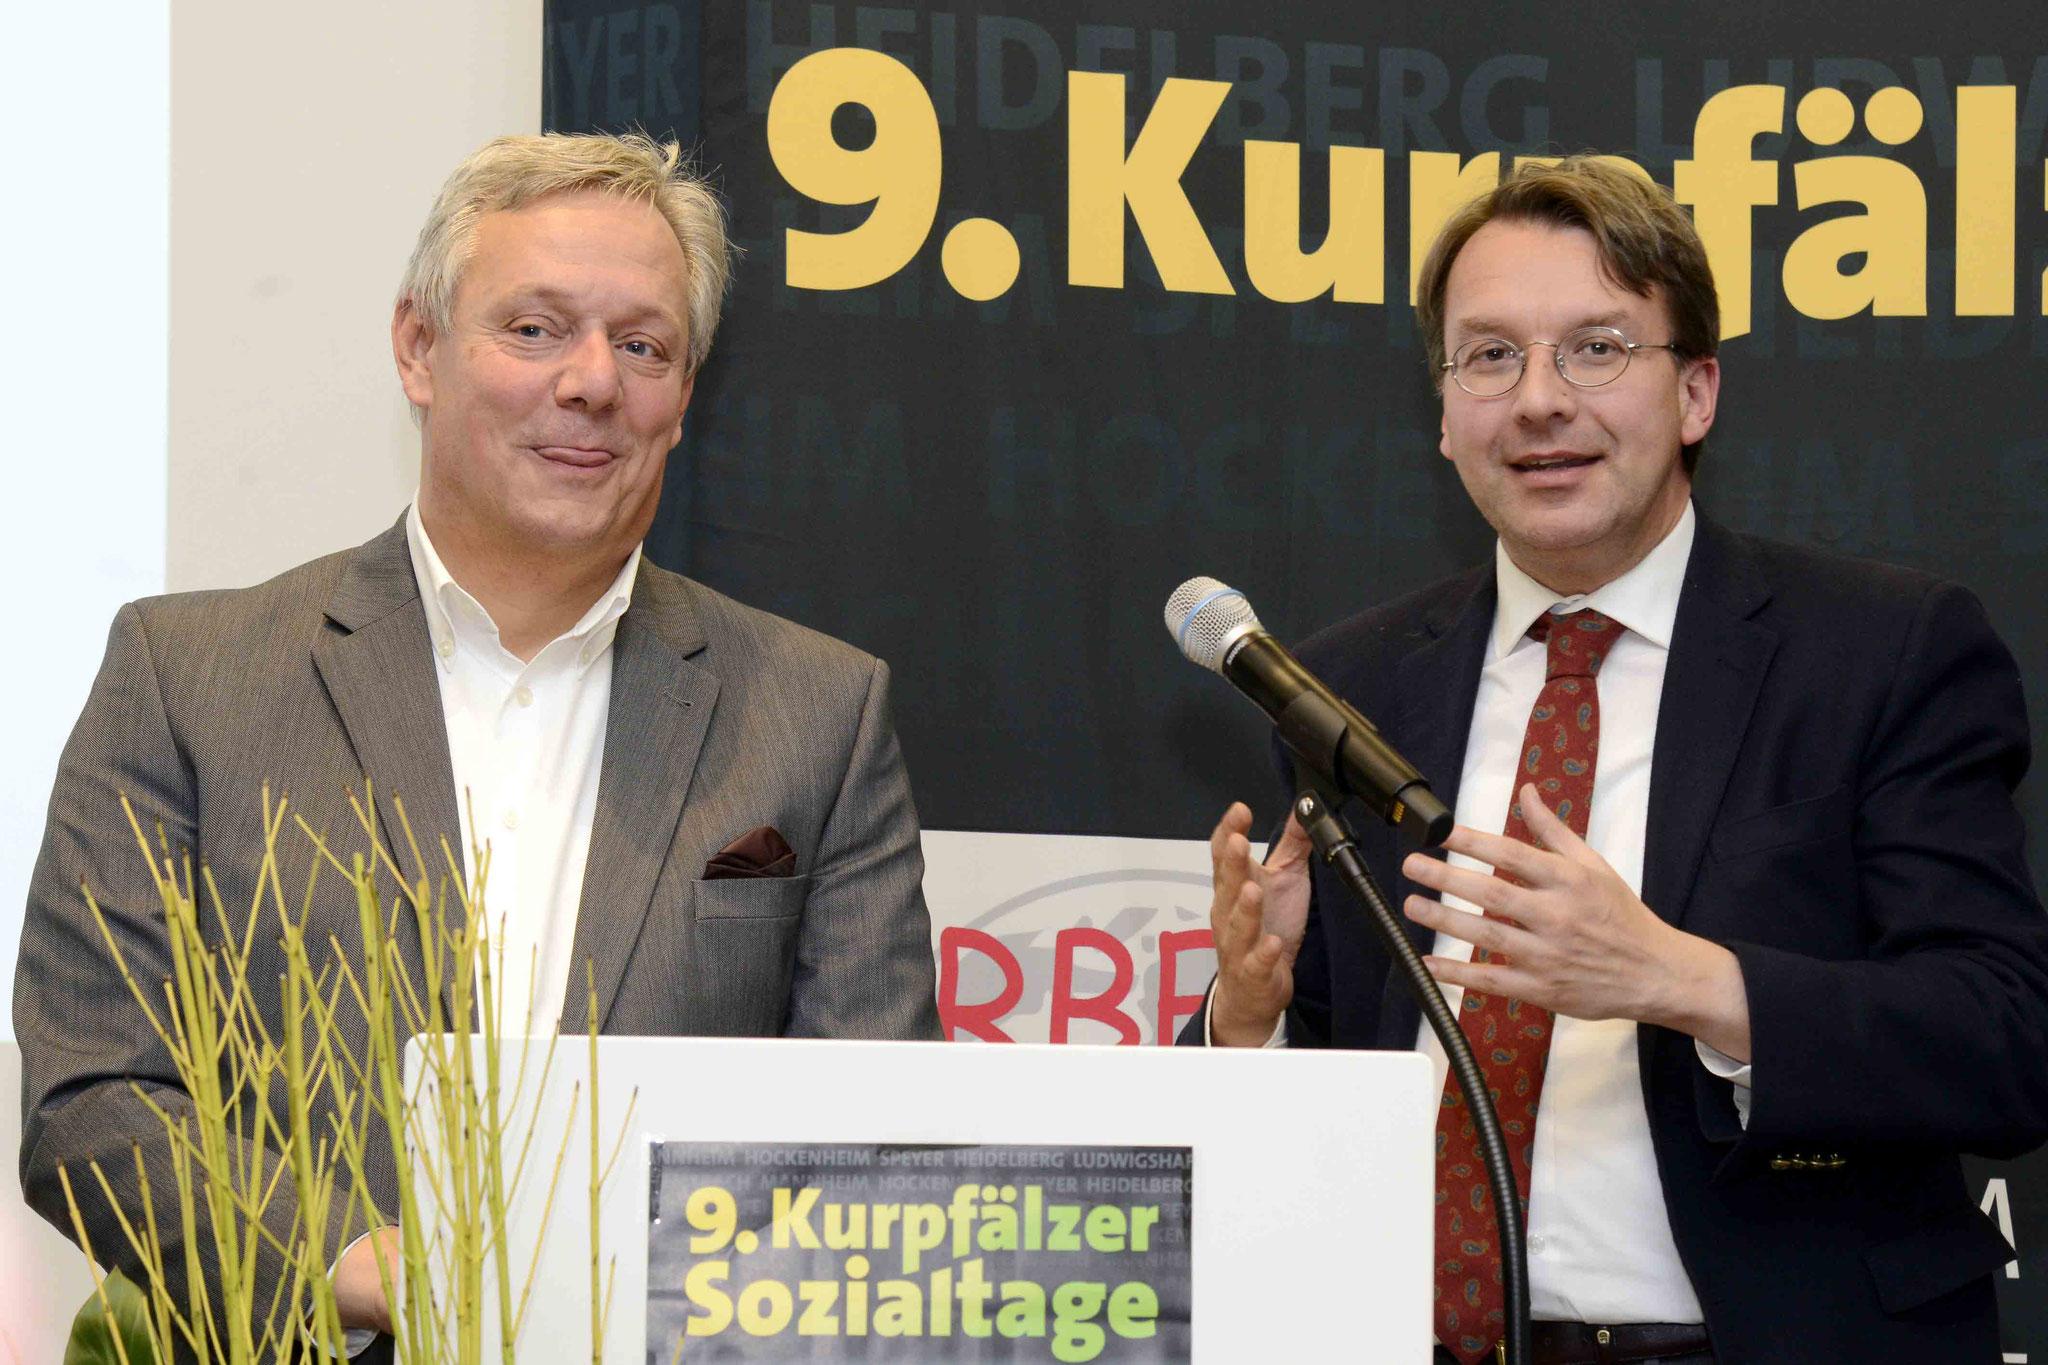 Prof. Dr. Felder, Dr. Gröpl, Bild: Copyright by Helmut G. Roos